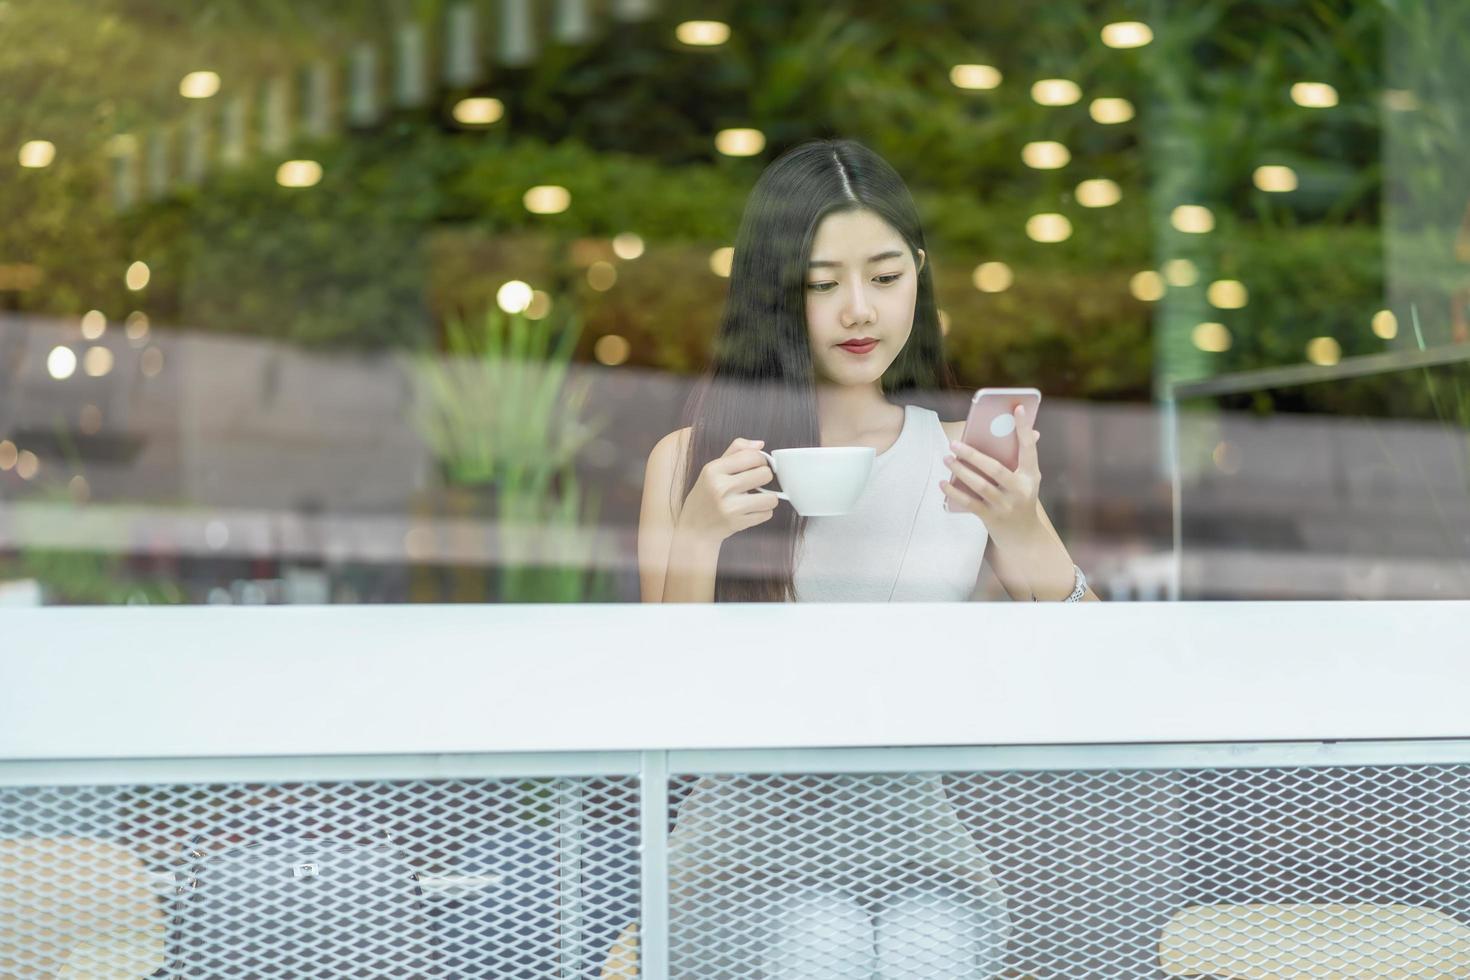 une jeune femme asiatique travaillant dans un café photo